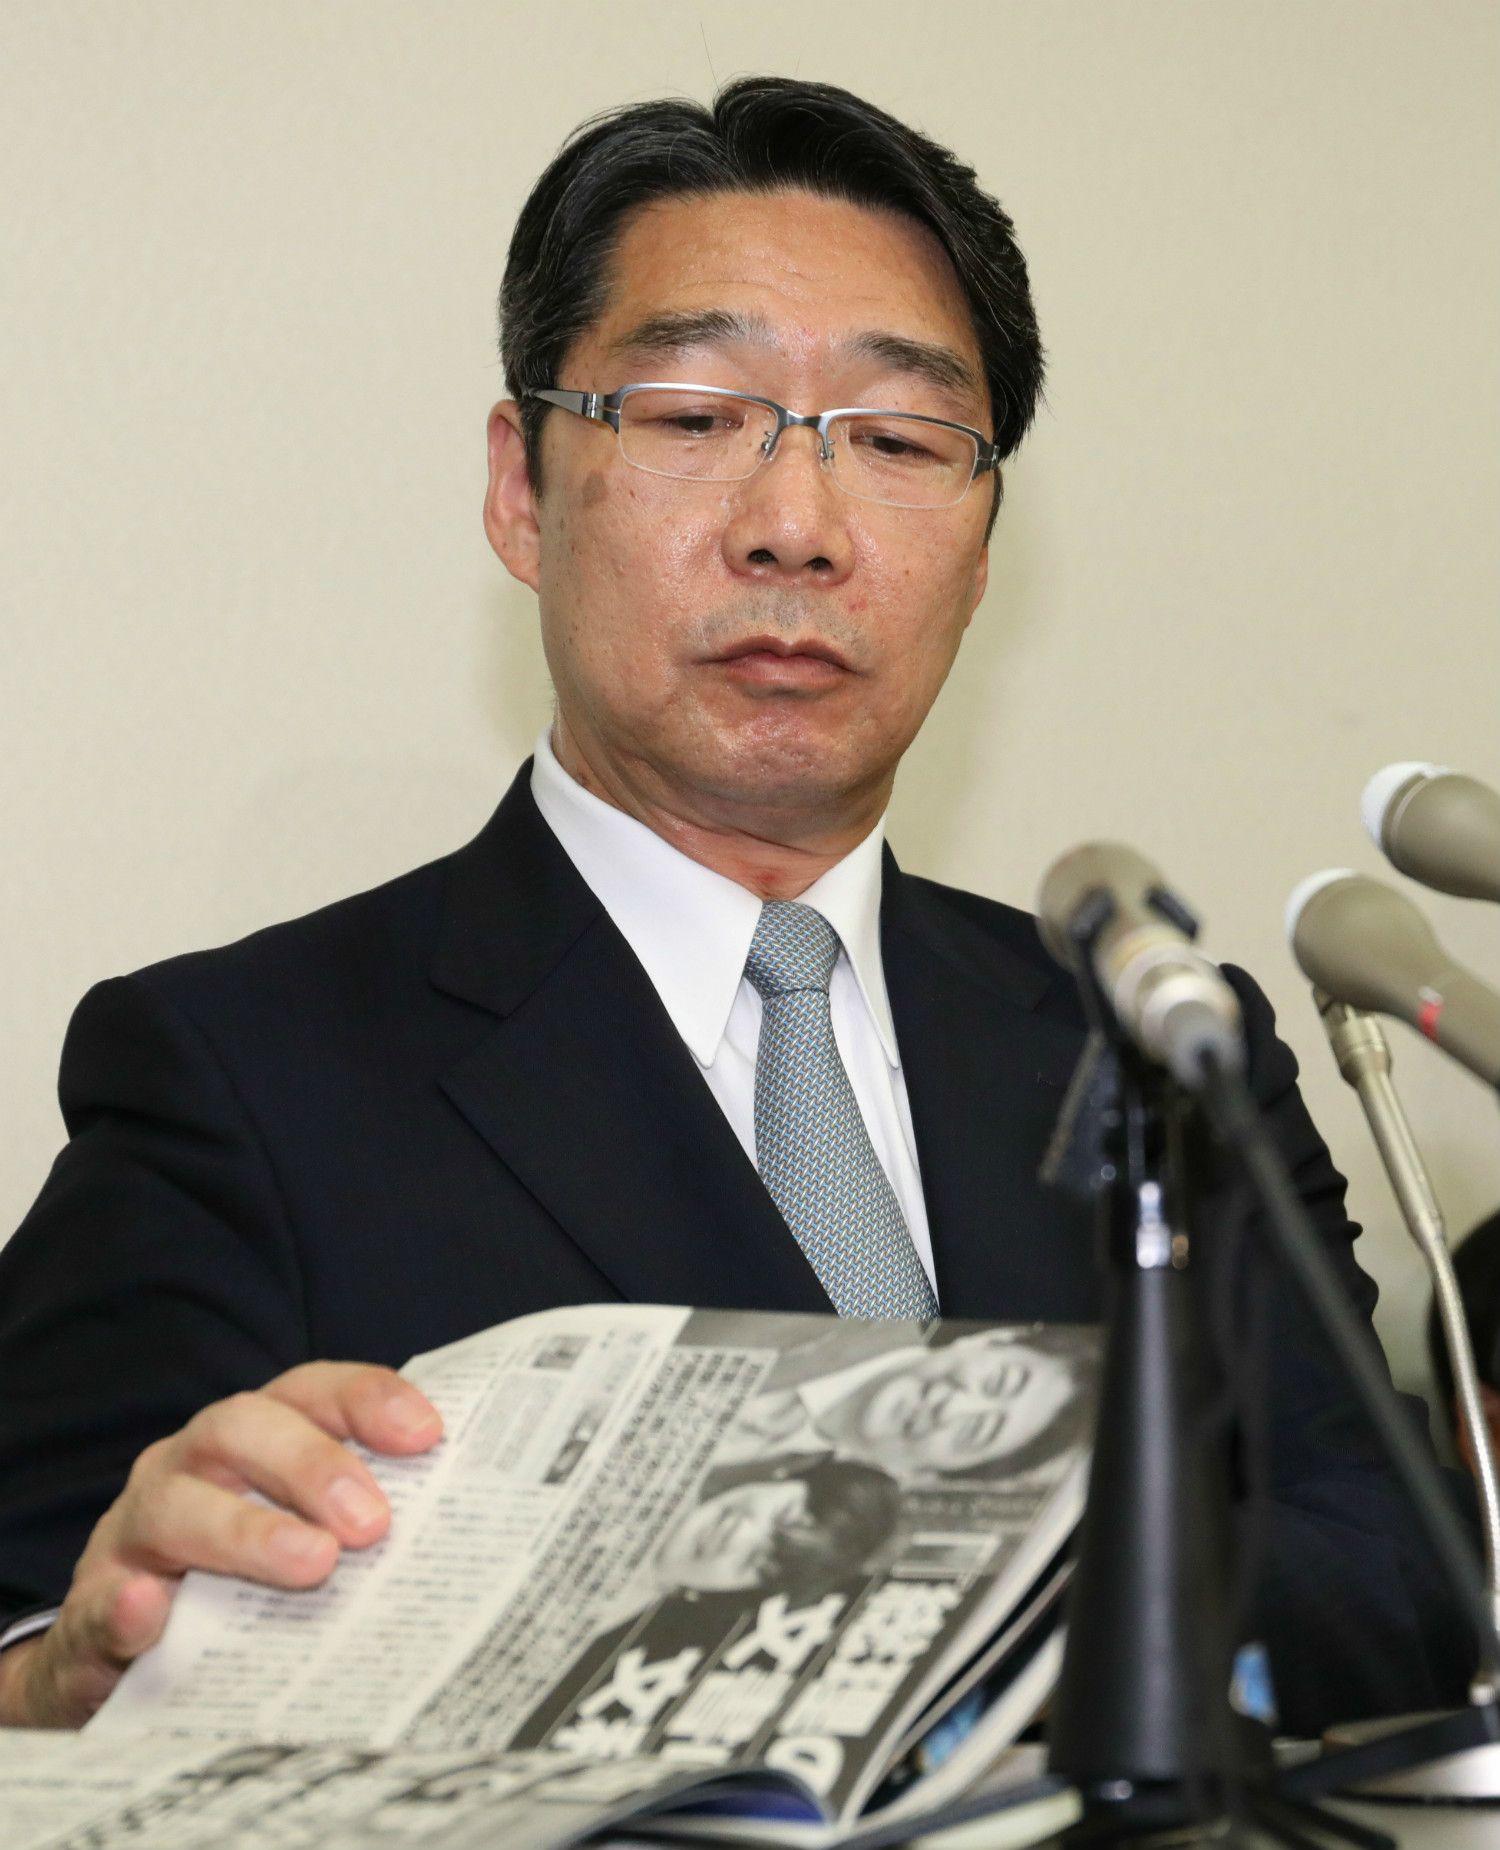 記者会見で「週刊文春」を手にする前川前次官 ©時事通信社